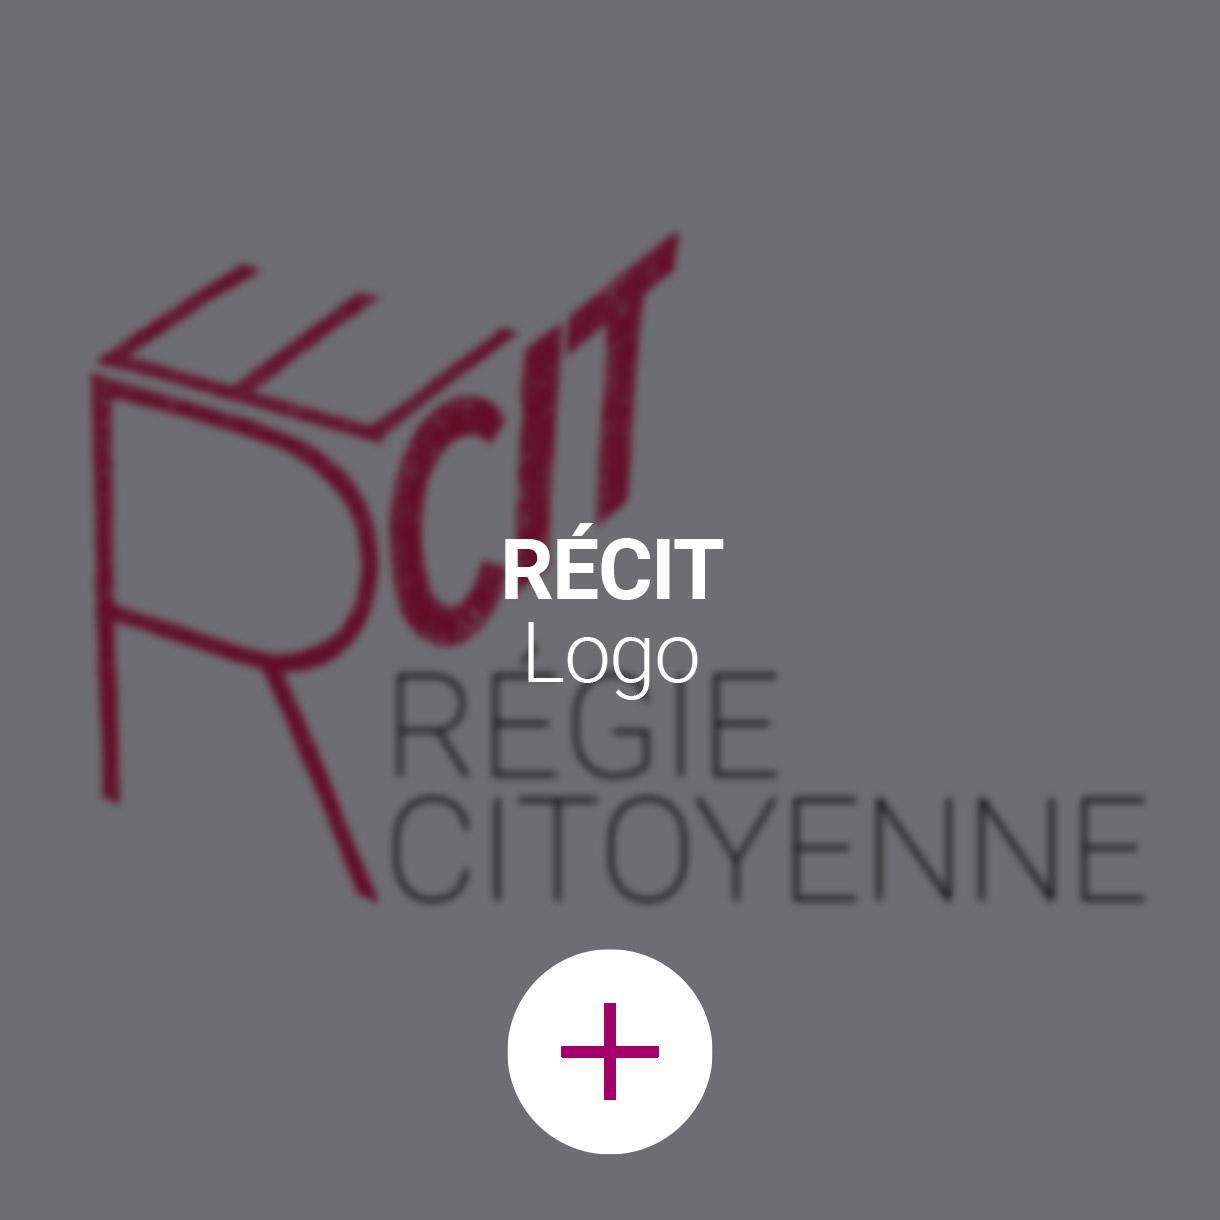 RECIT-net